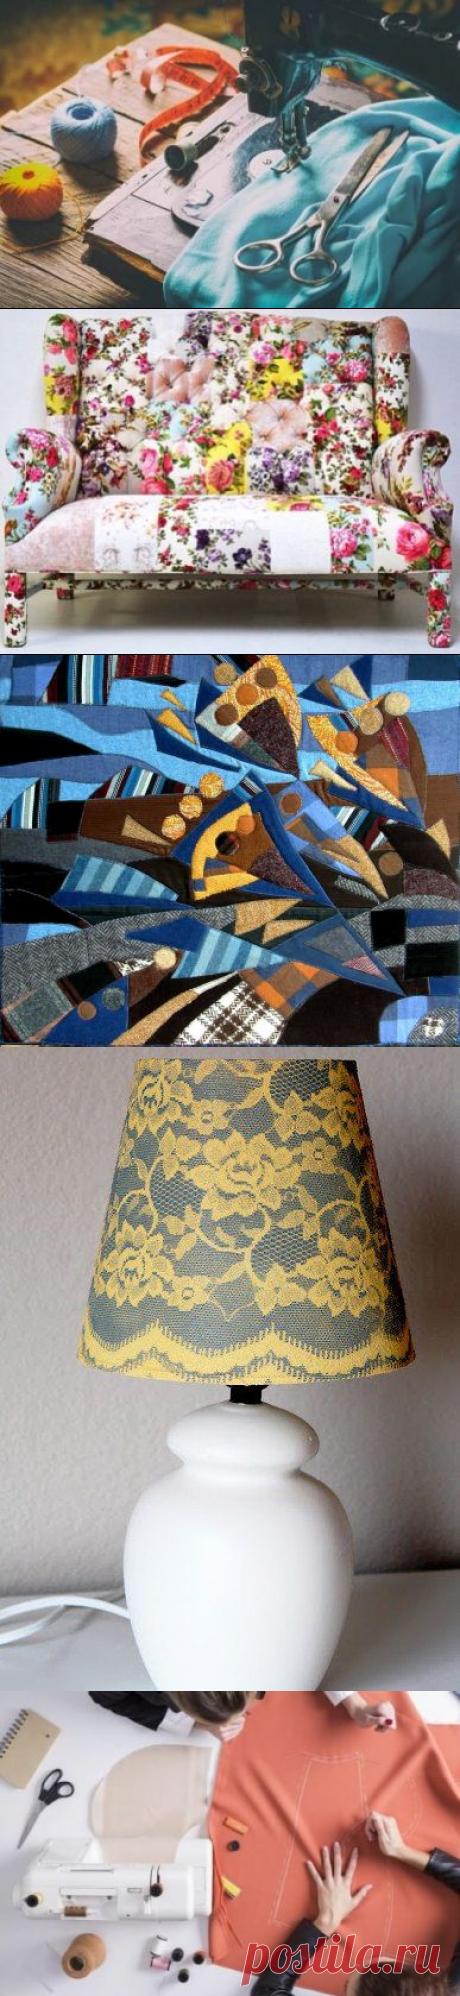 Старые ткани – используйте их творчески!